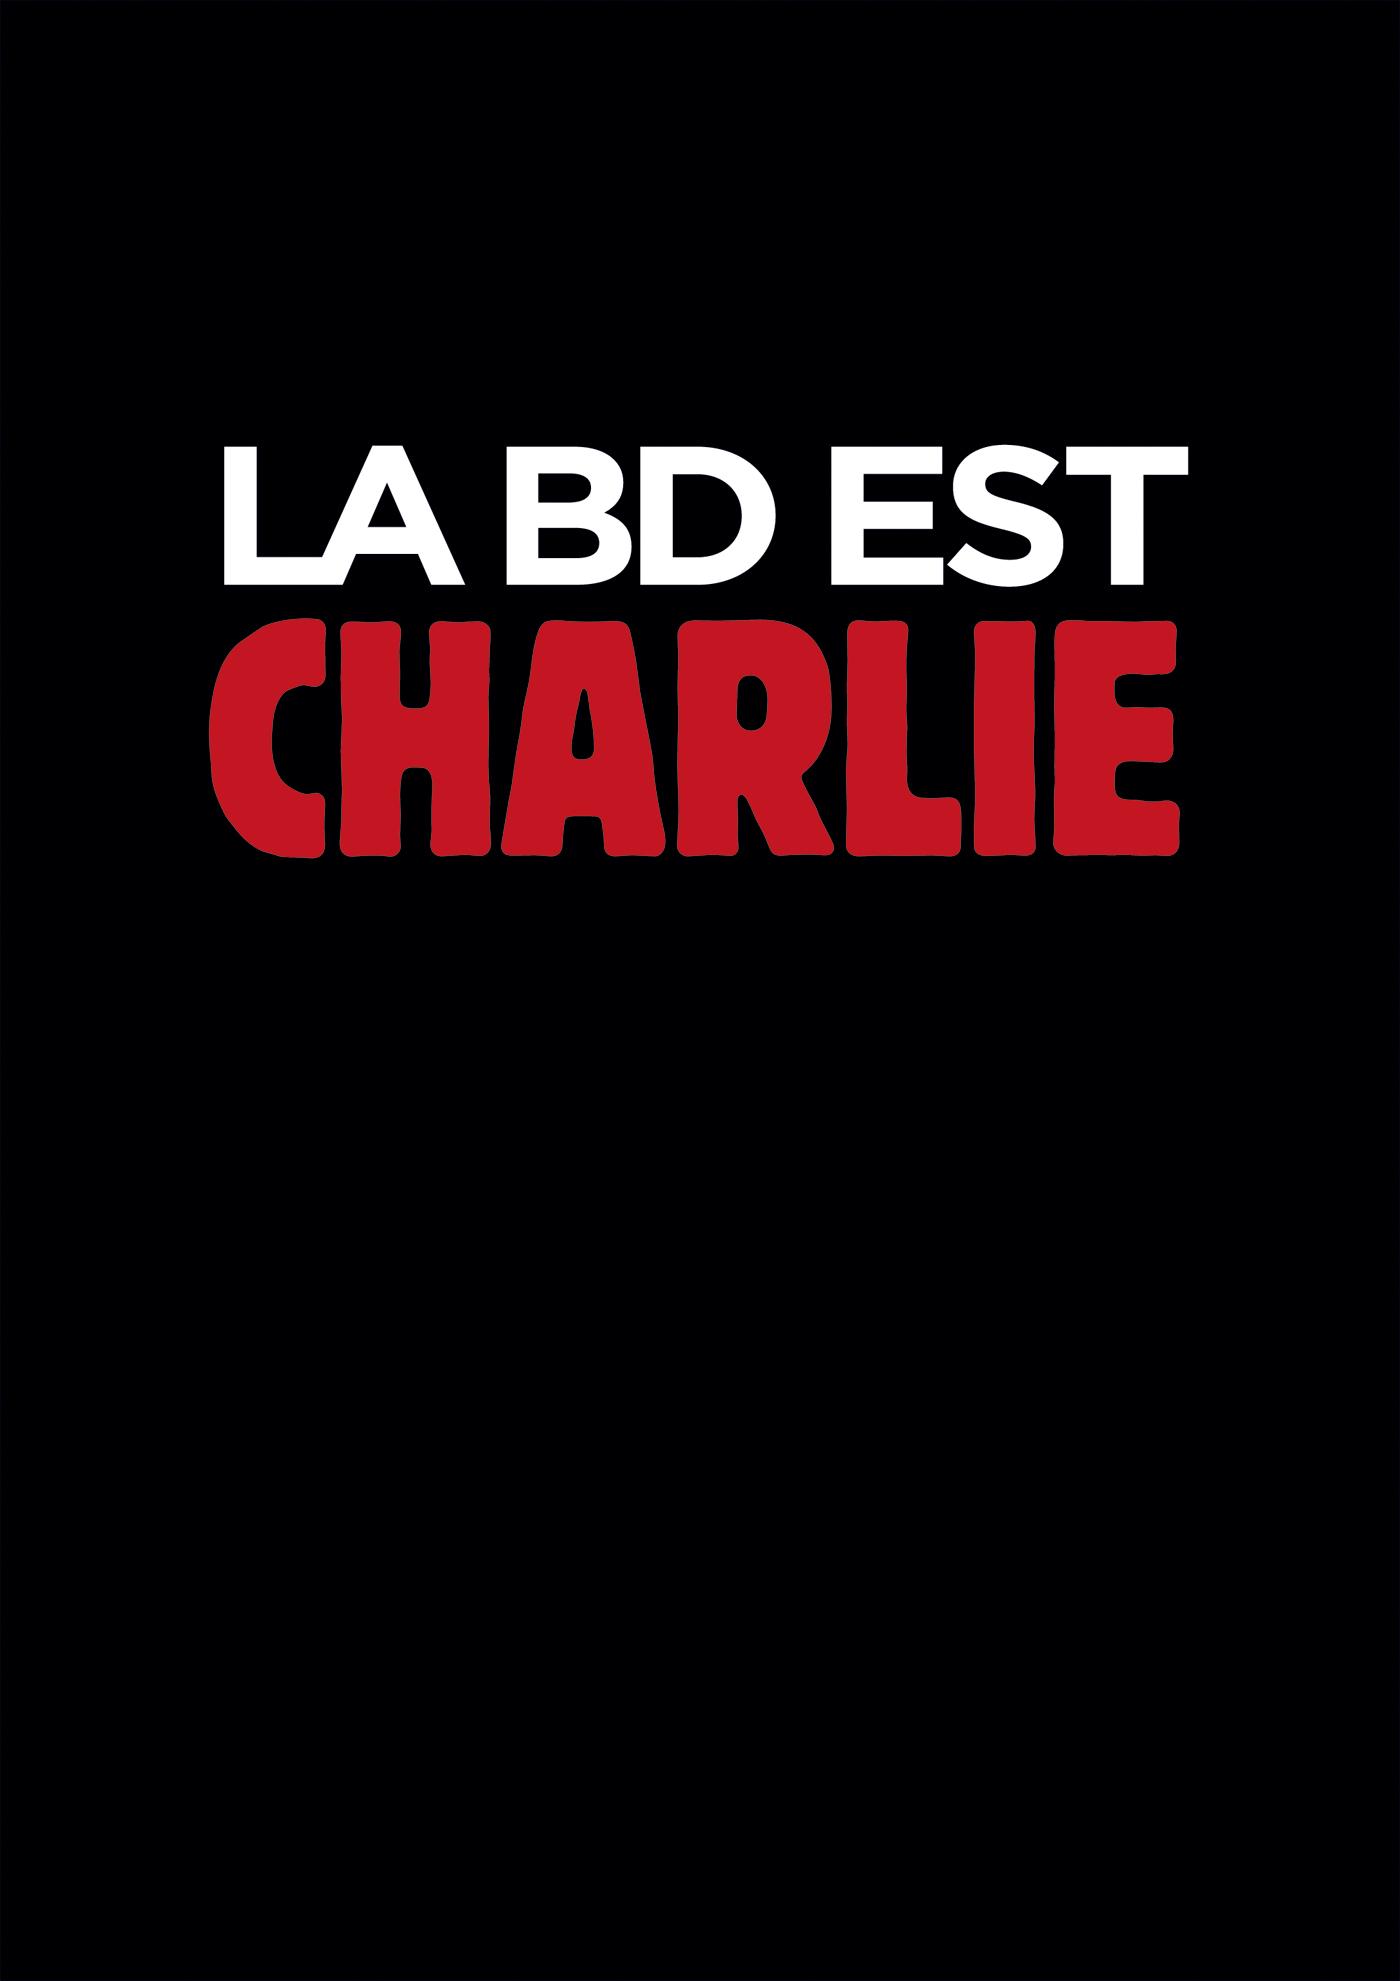 La BD est Charlie 1 - La BD est Charlie